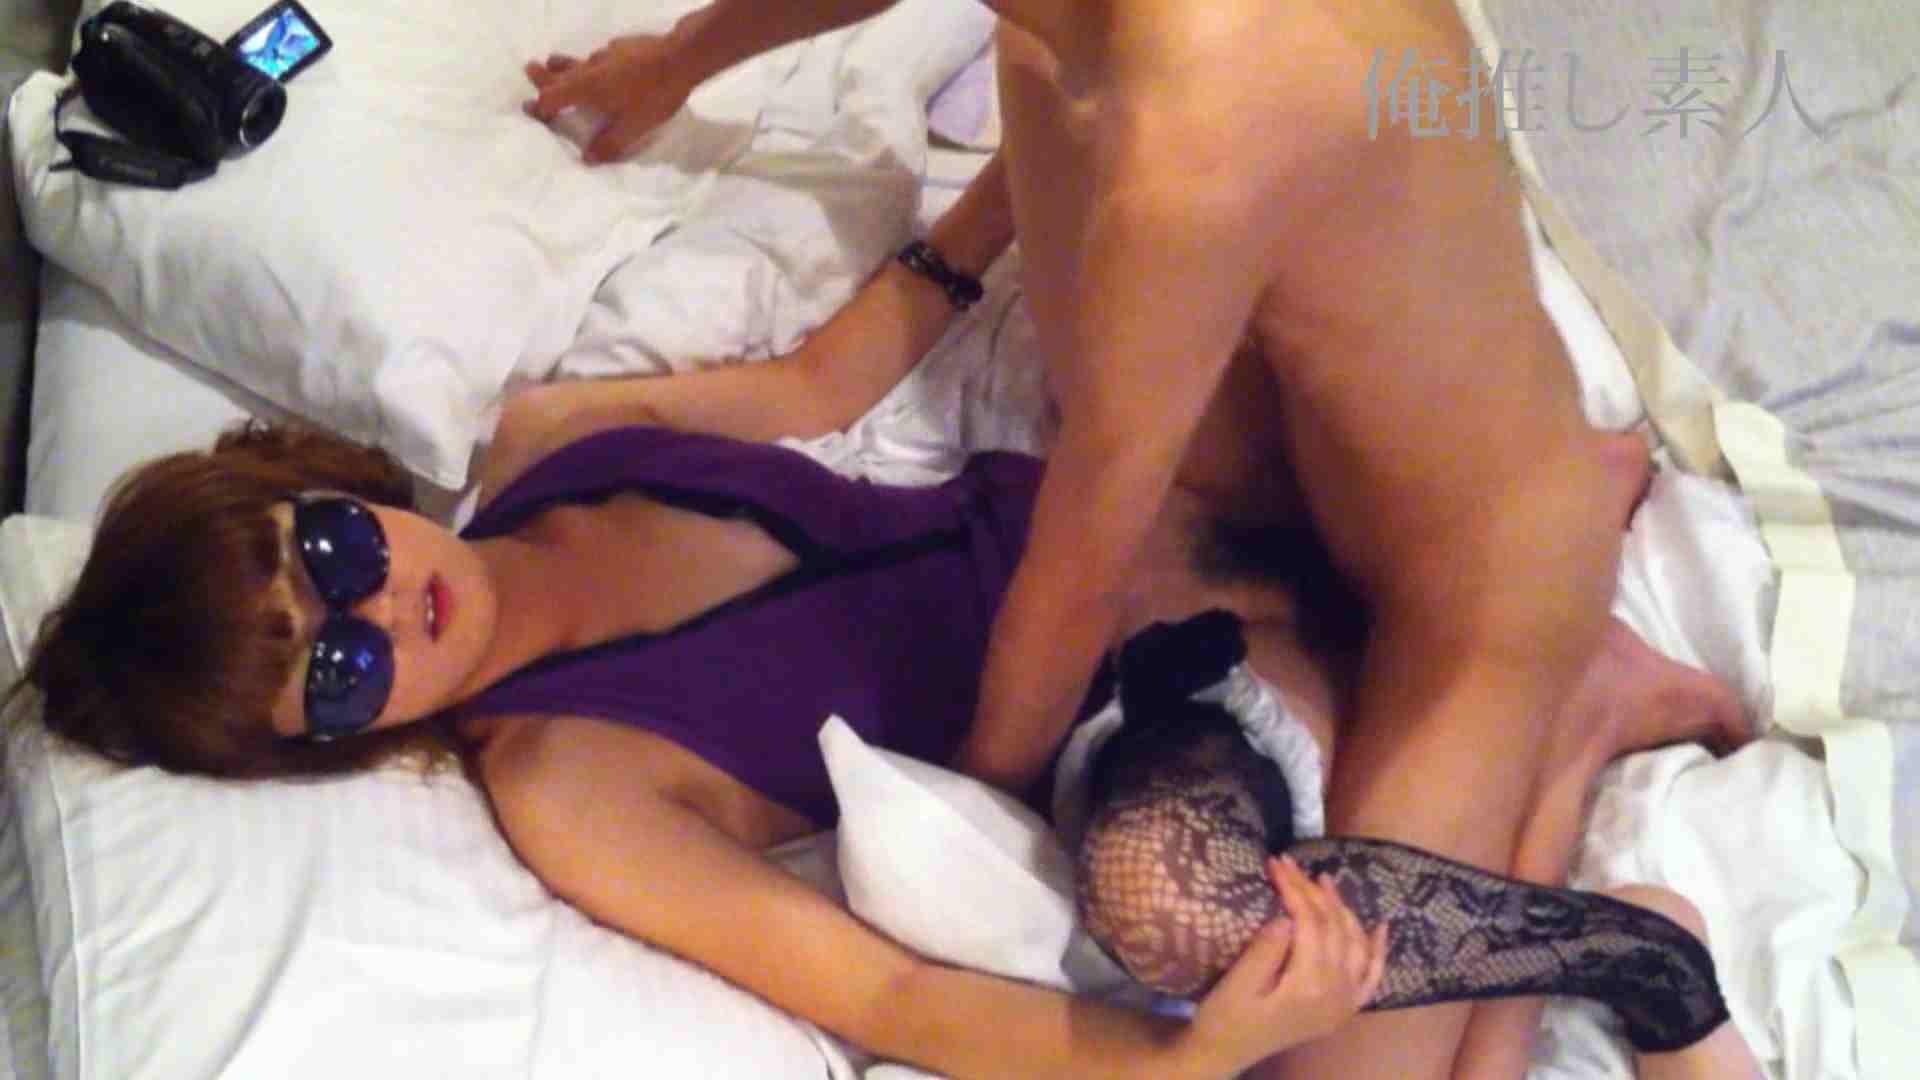 俺推し素人 キャバクラ嬢26歳久美vol2 おっぱい おまんこ動画流出 100PIX 62